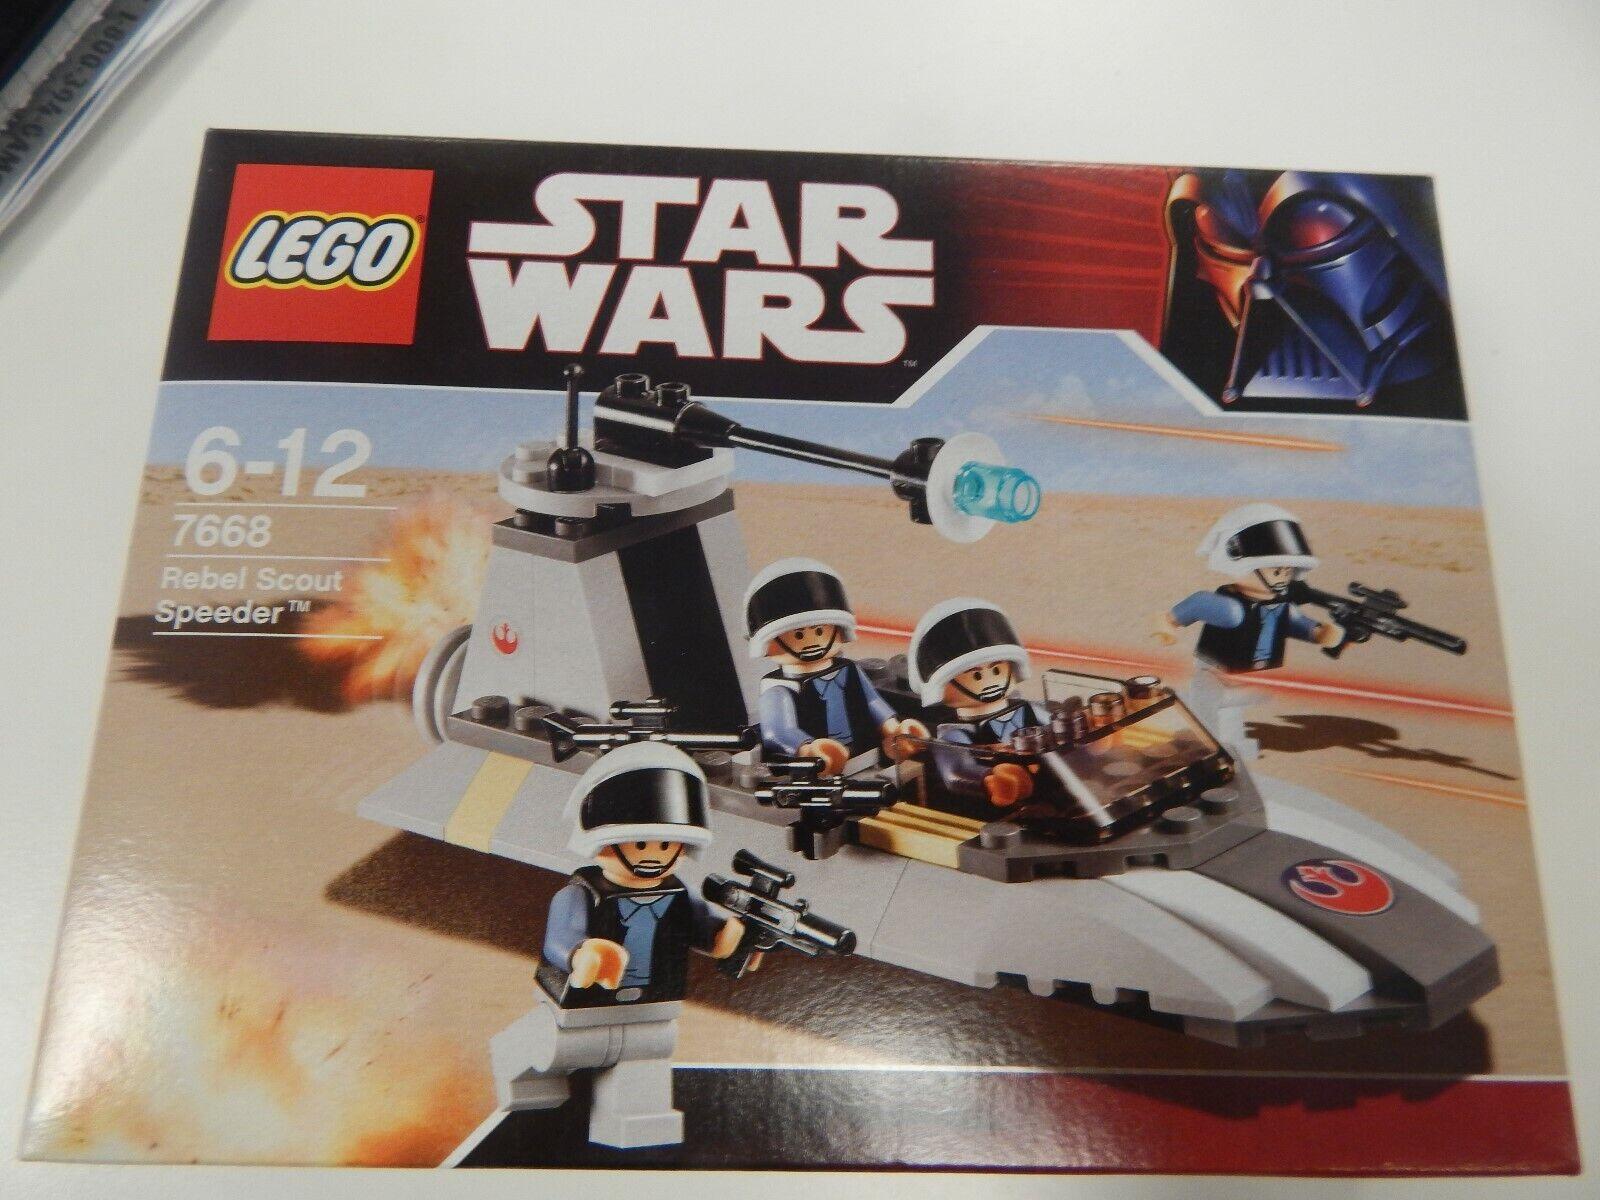 Star Wars Rebel Scout Speeder by LEGO 7668